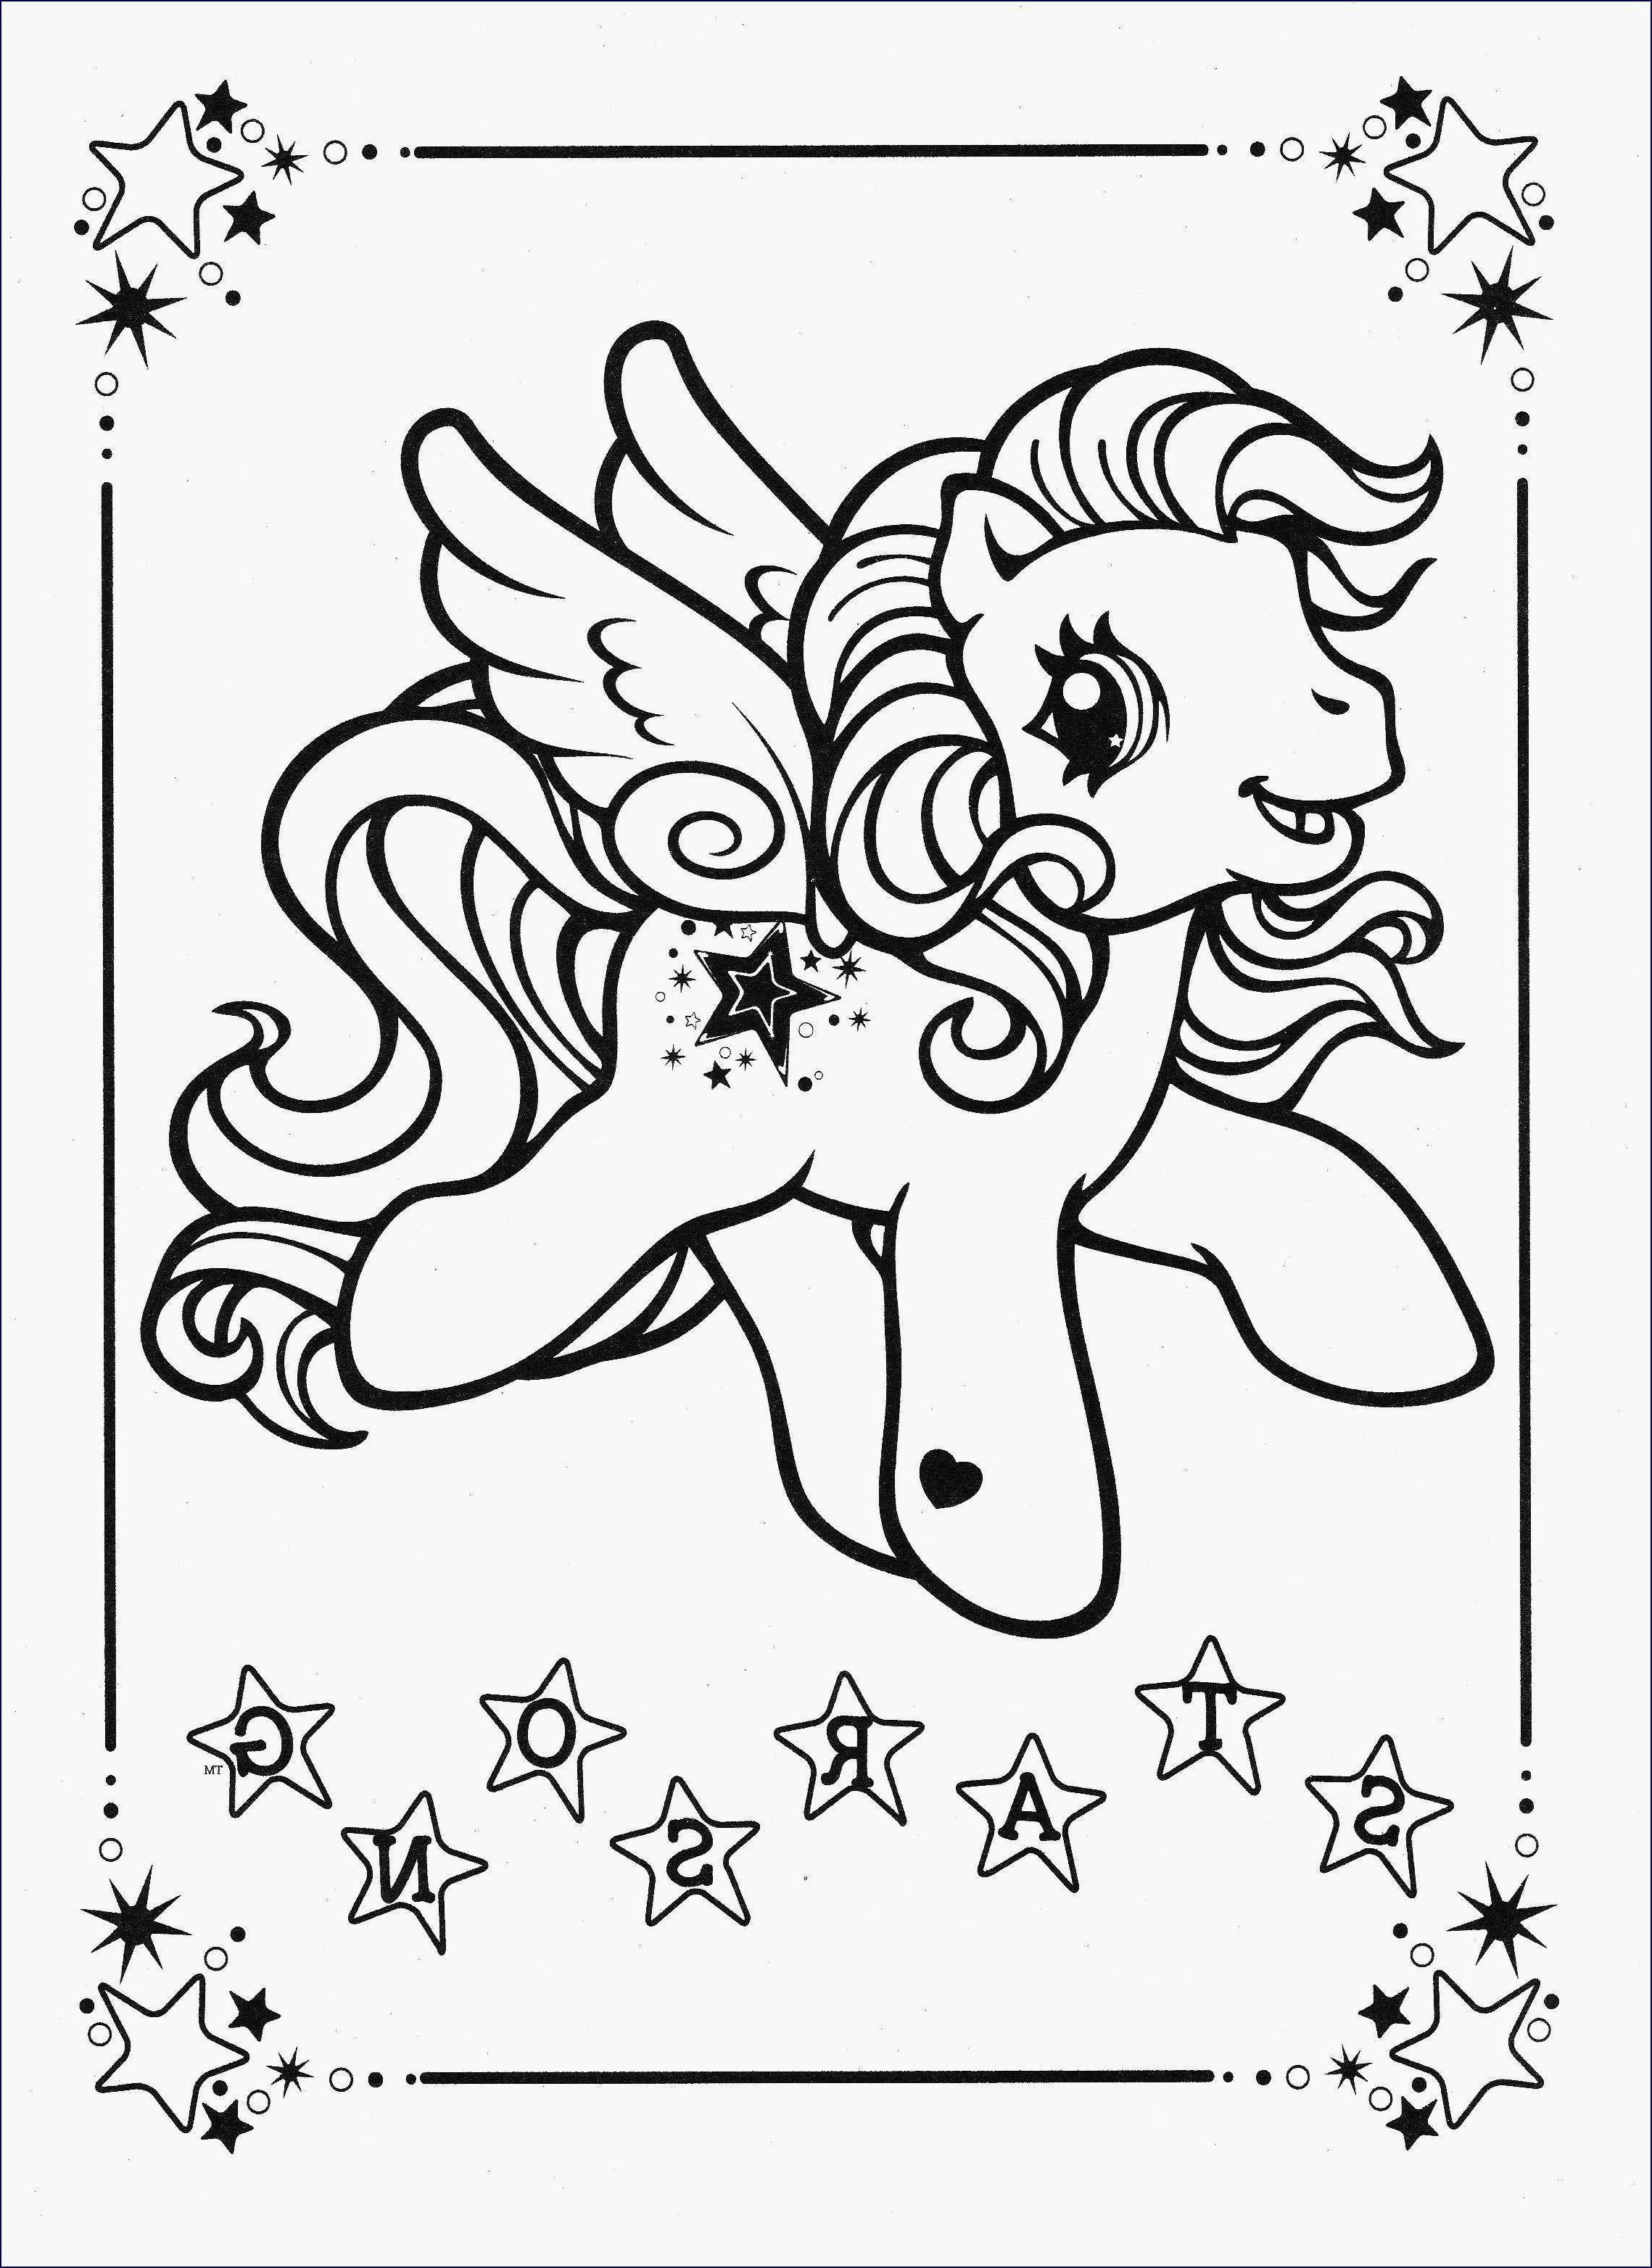 Ausmalbilder My Little Pony Equestria Das Beste Von 32 Fantastisch Ausmalbilder My Little Pony – Malvorlagen Ideen Galerie